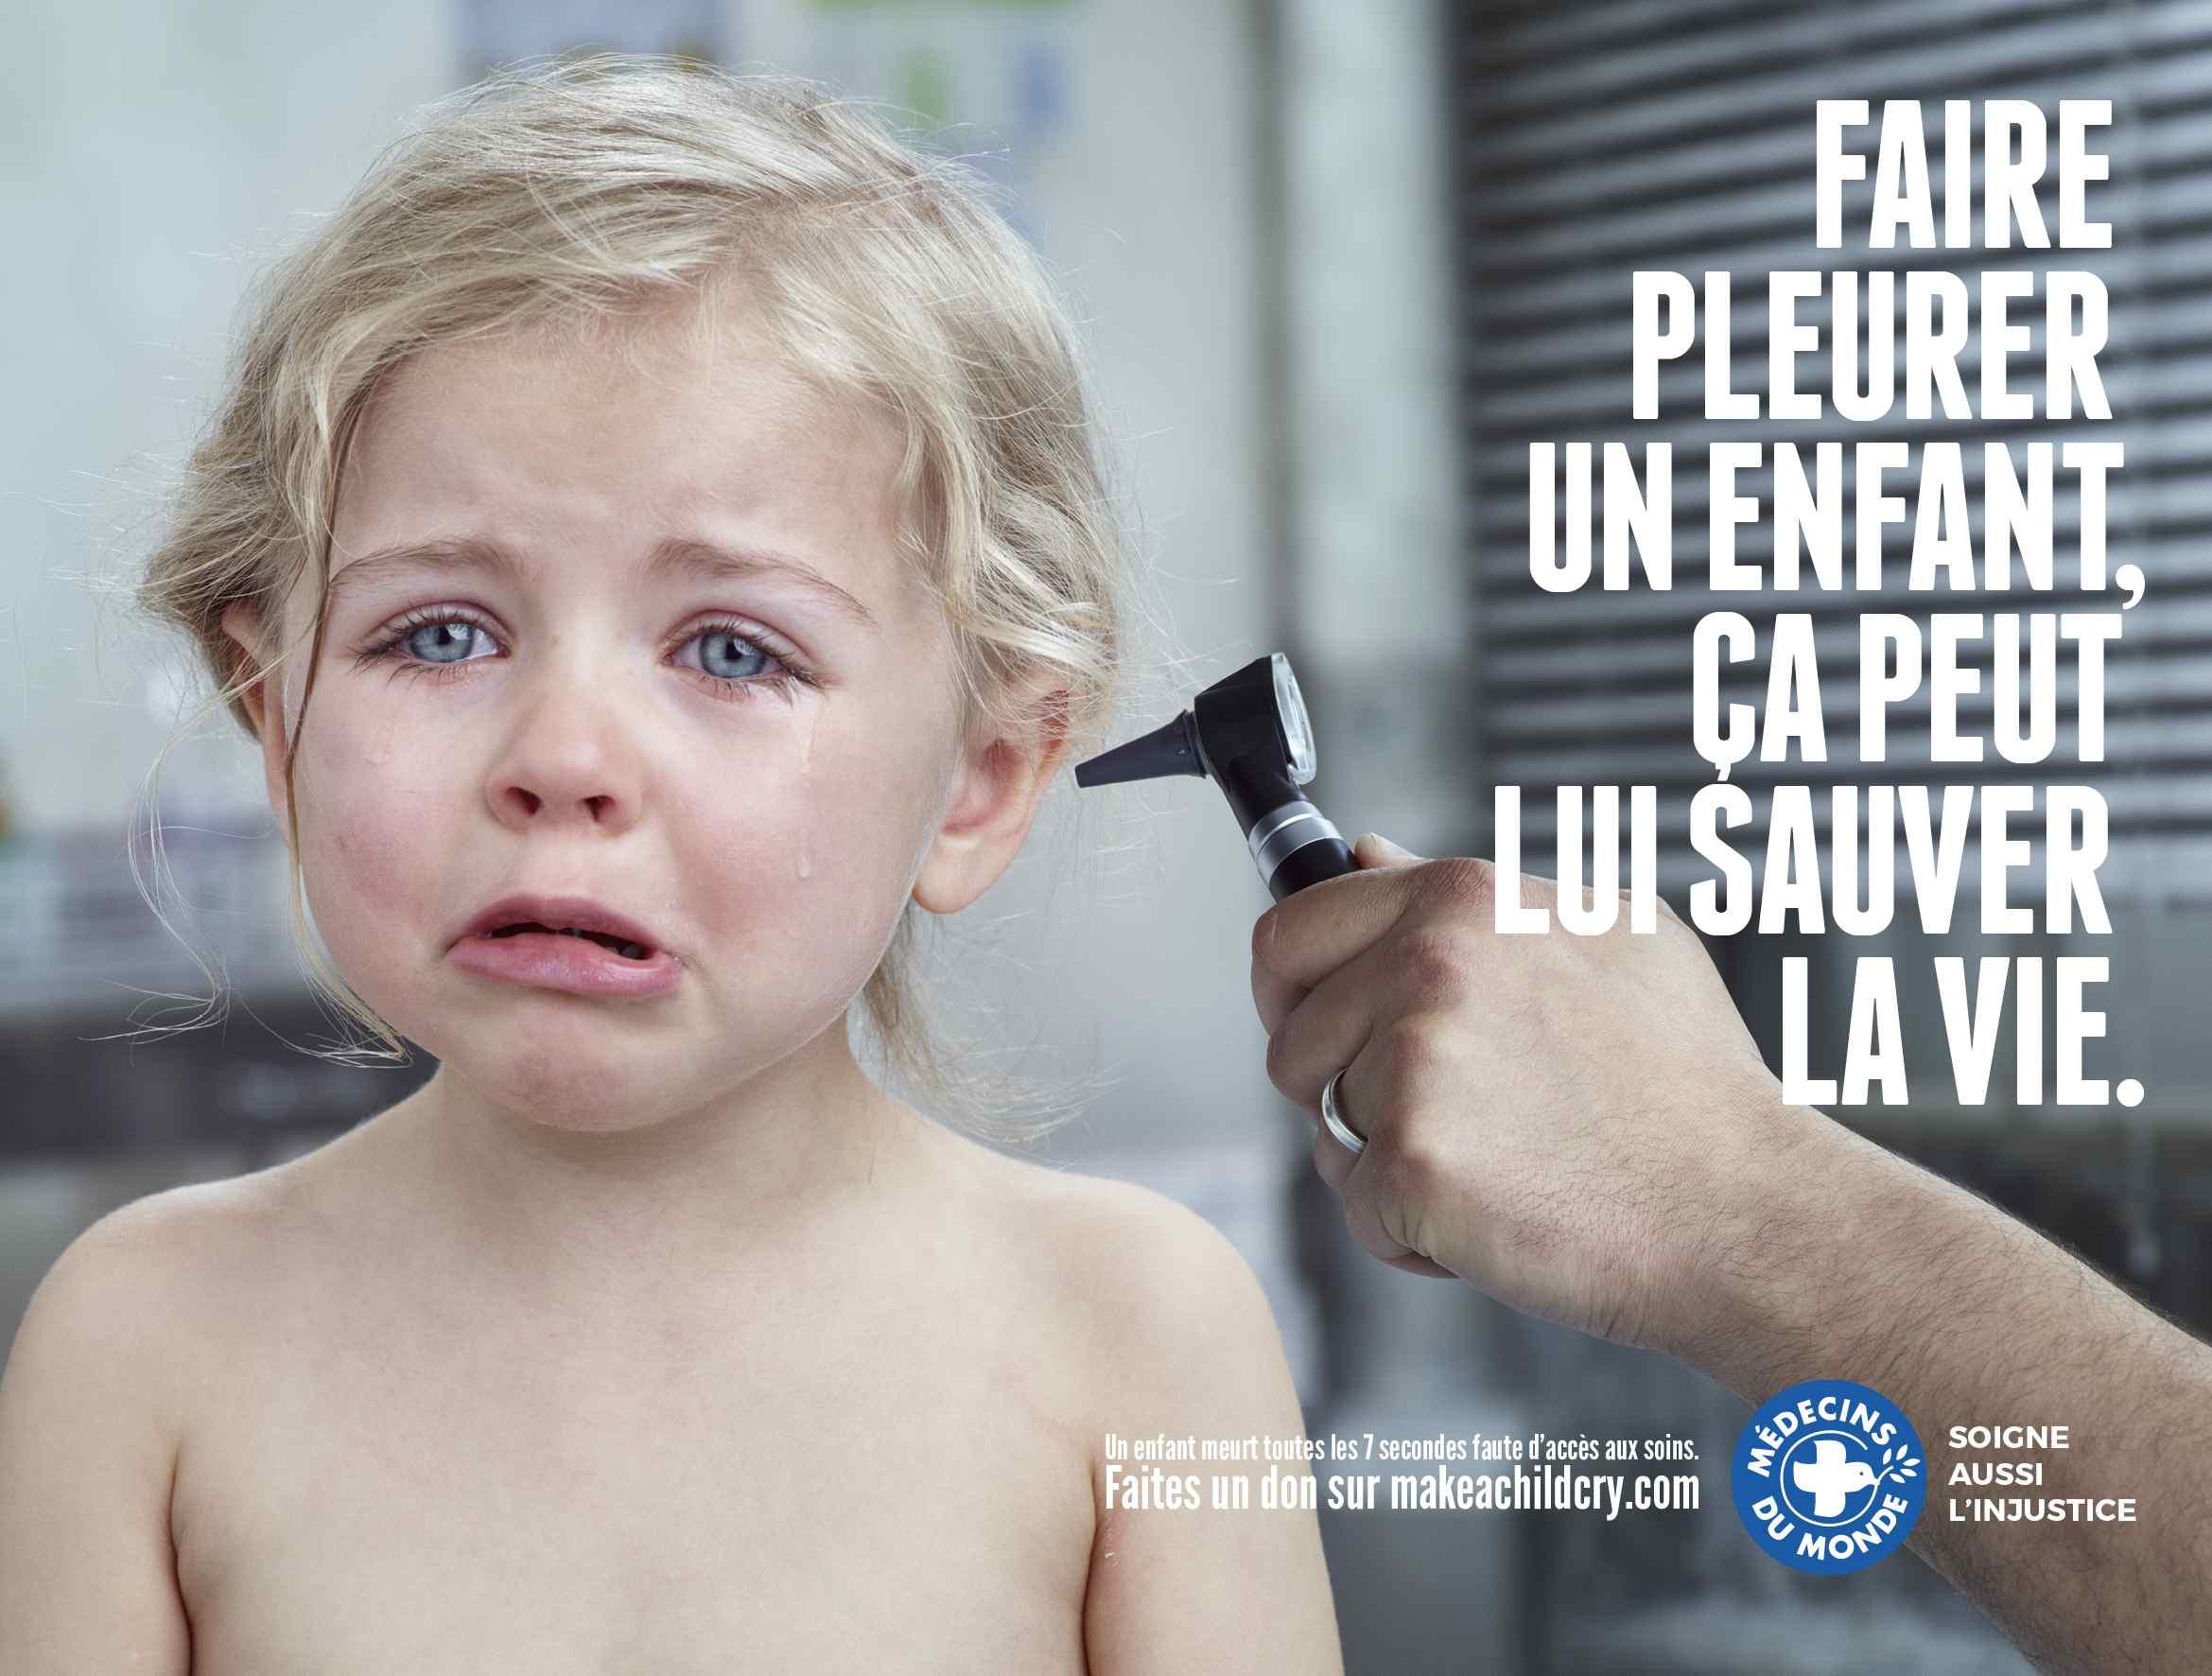 dans-ta-pub-médecins-du-monde-ddb-paris-make-a-child-cry-teasing-makeachildcry-4